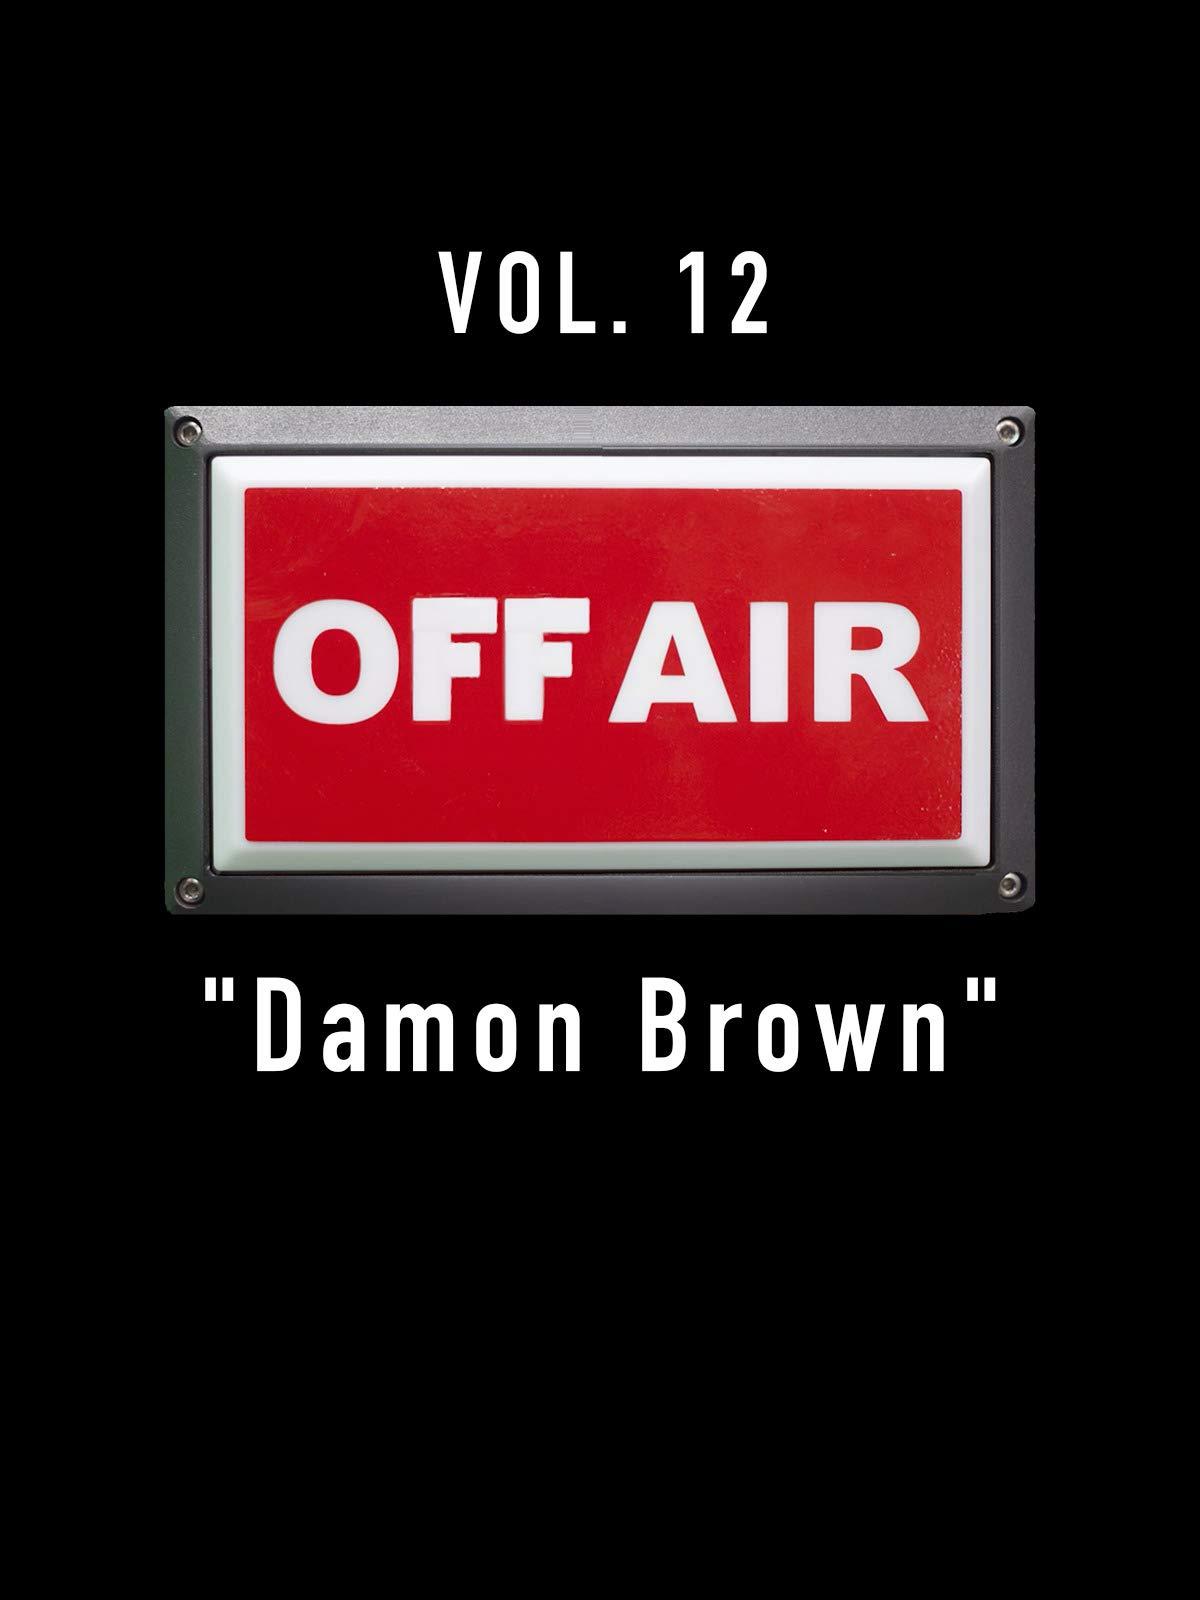 Off-Air Vol. 12